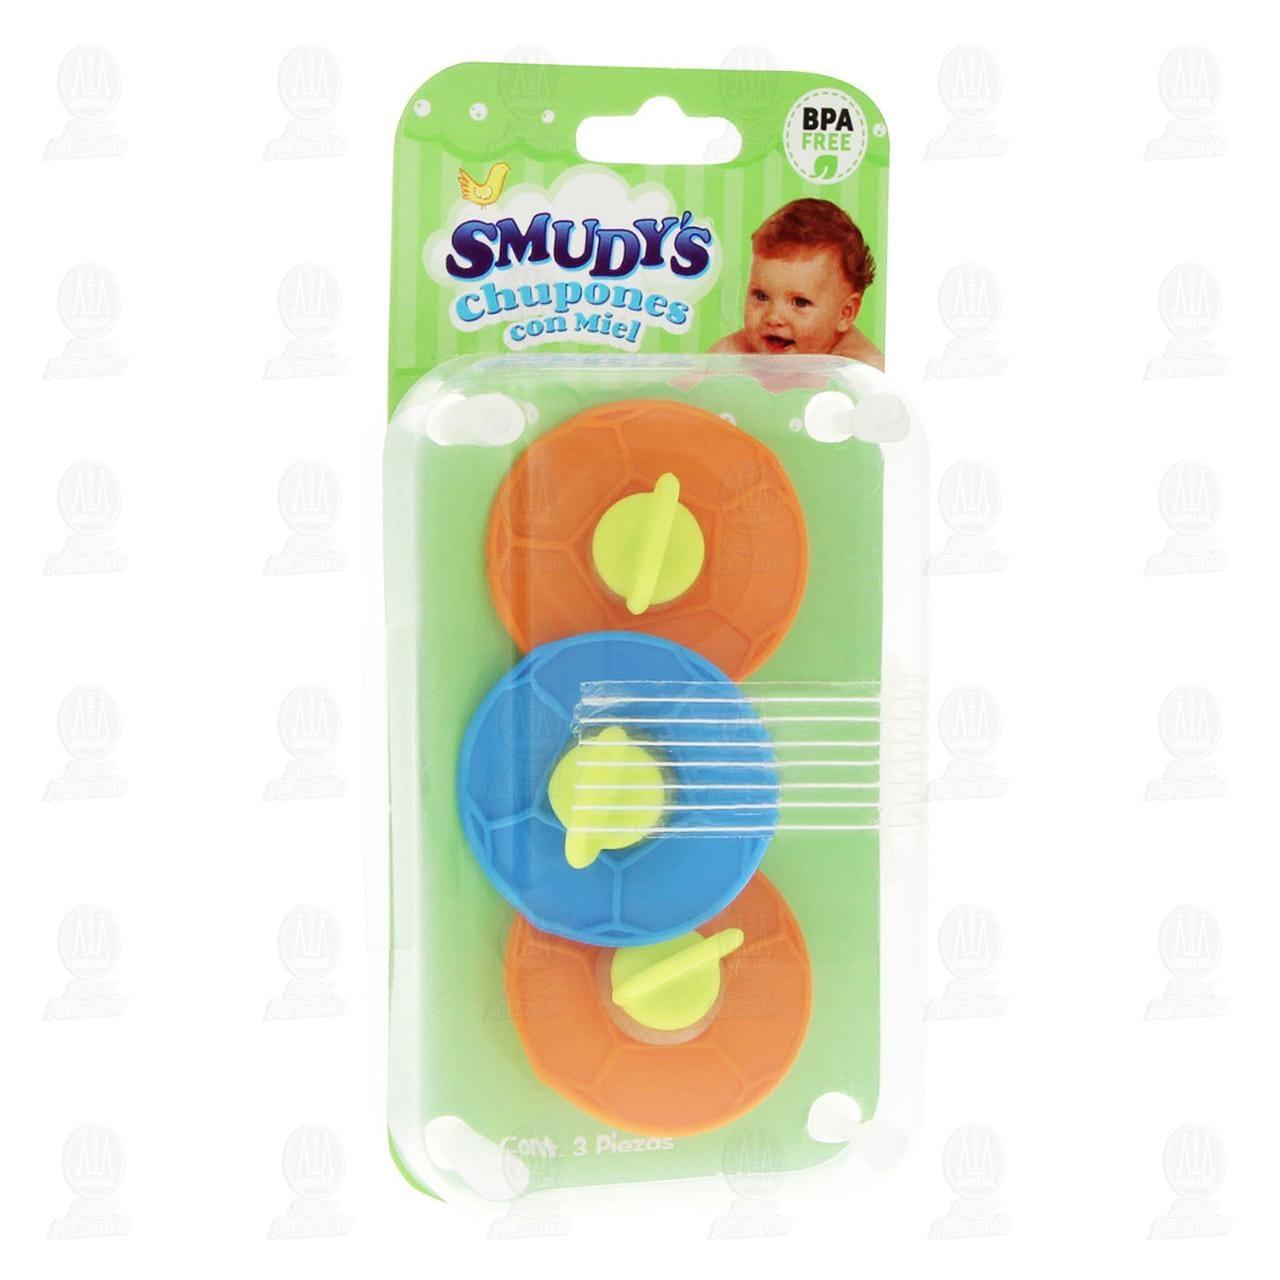 Chupones para Bebé Smudy's con Miel, 3 pzas.